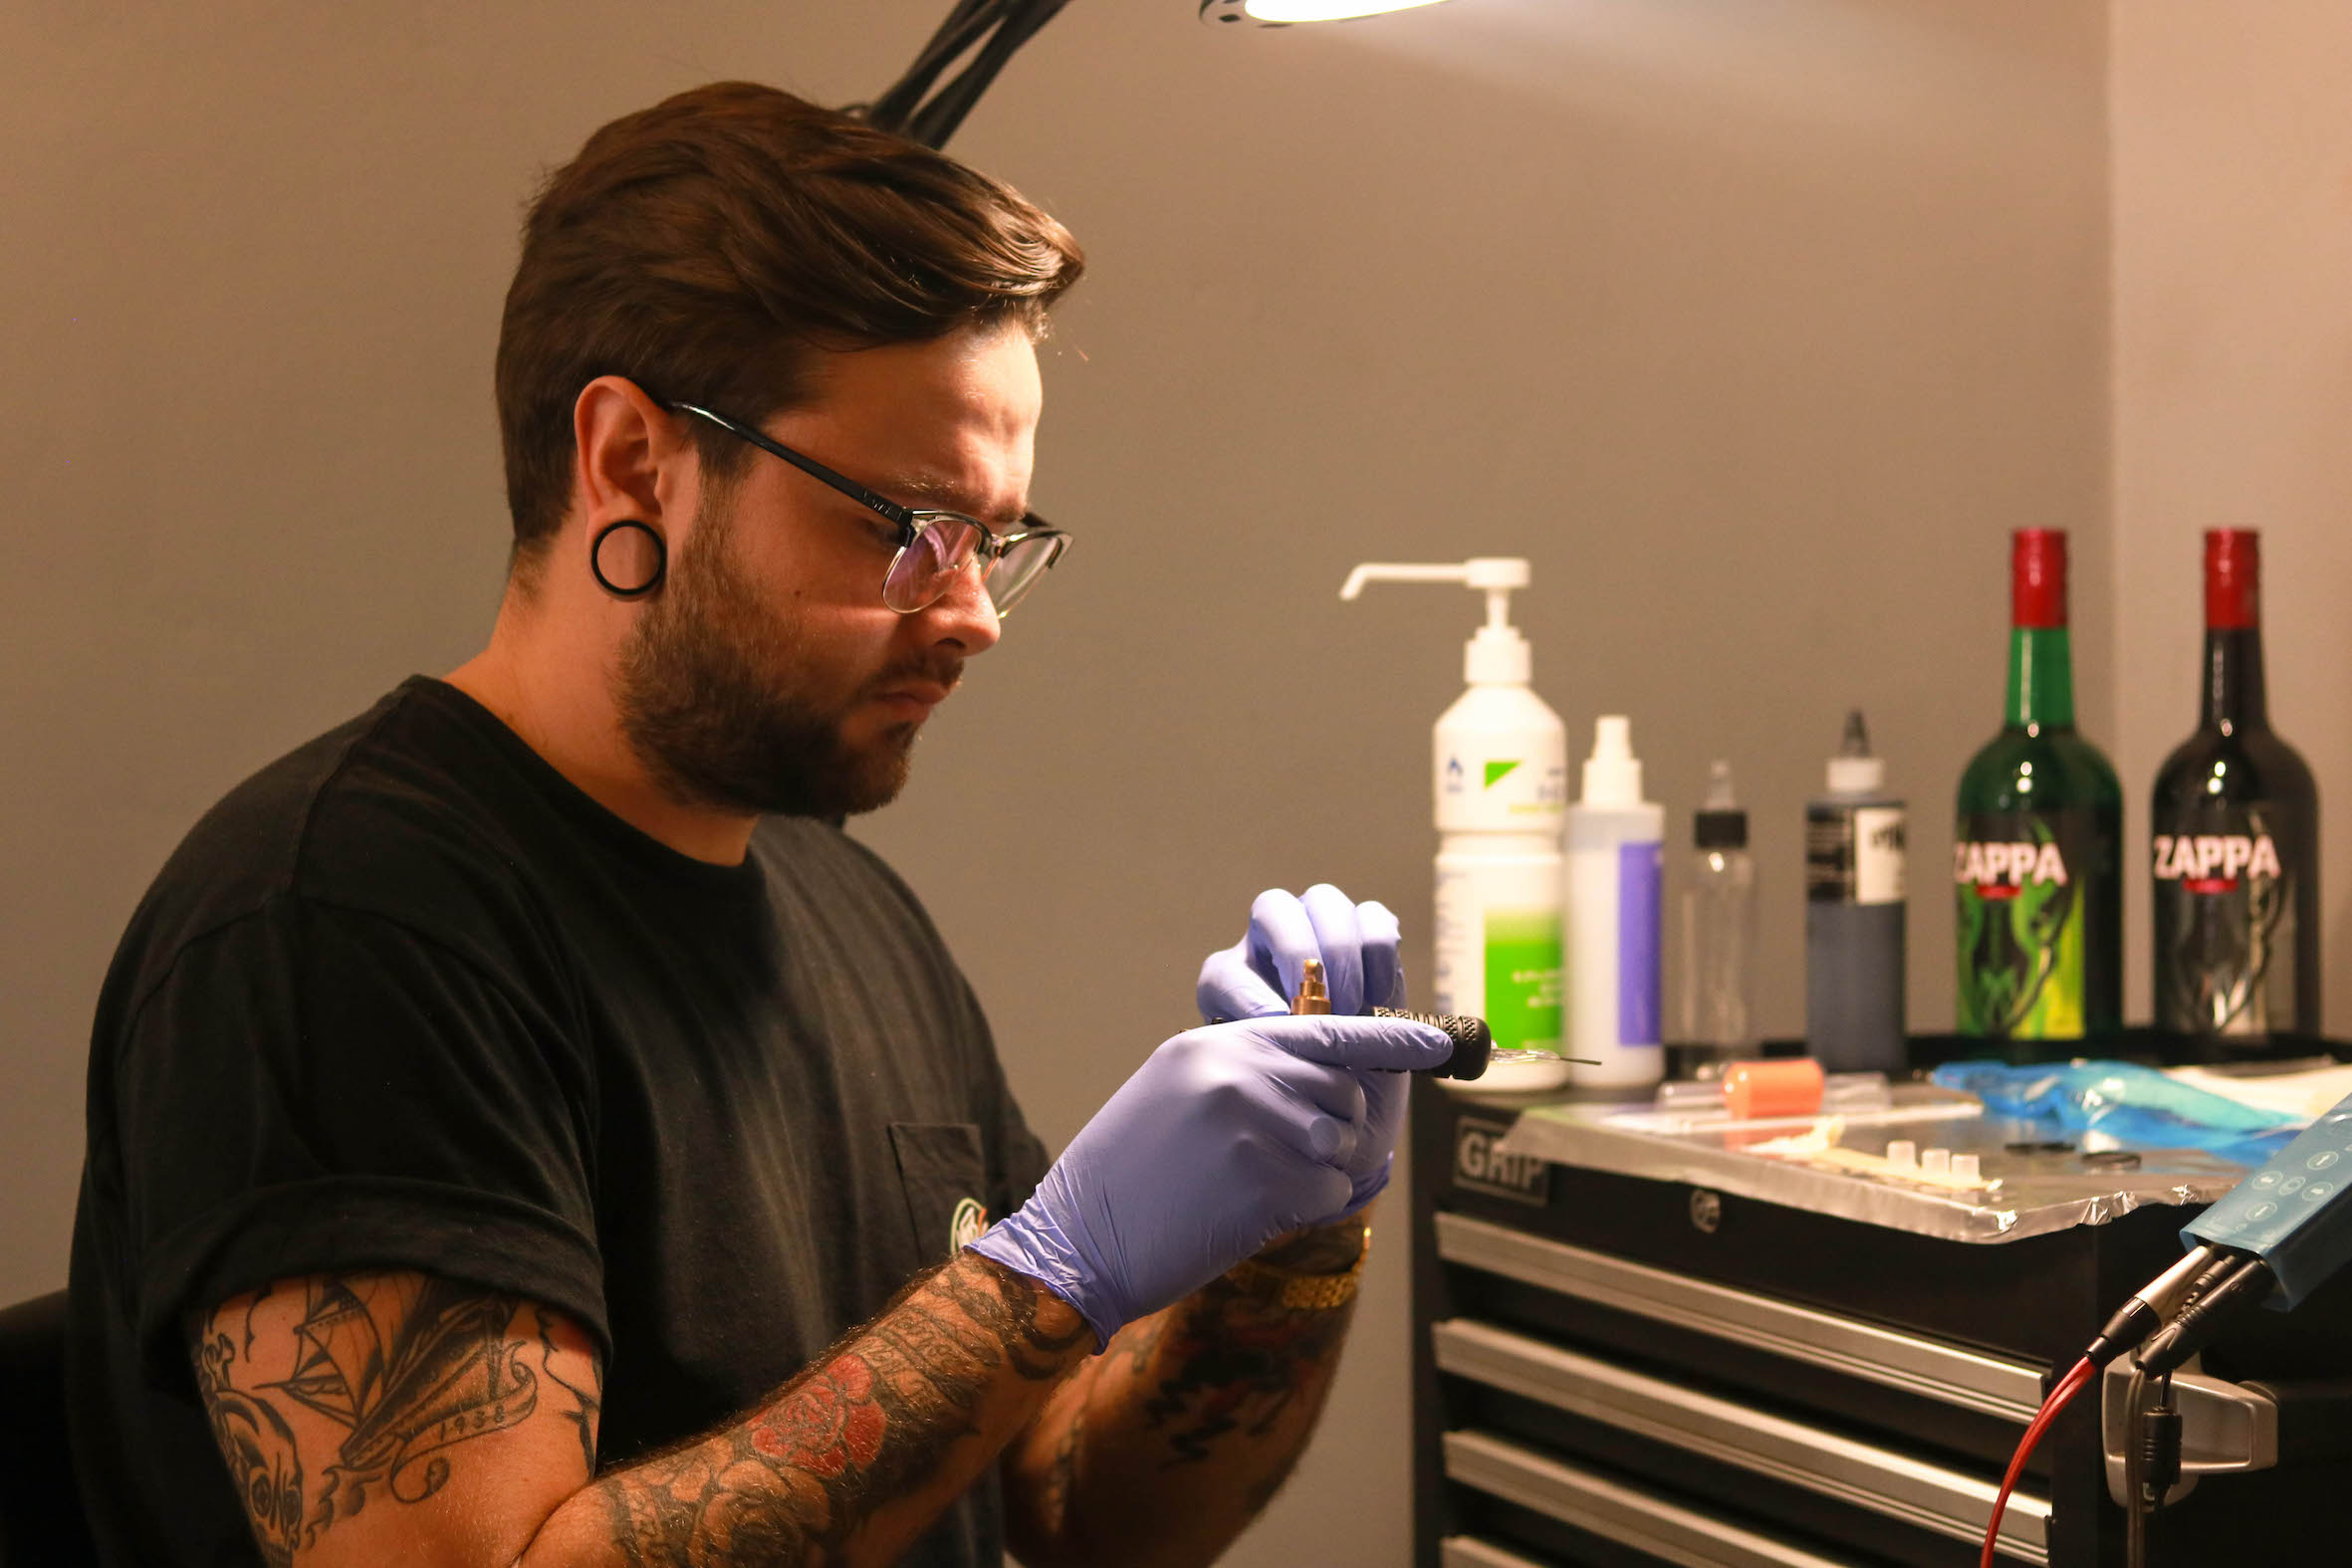 Meet our featured tattoo artist, Mason Murdey